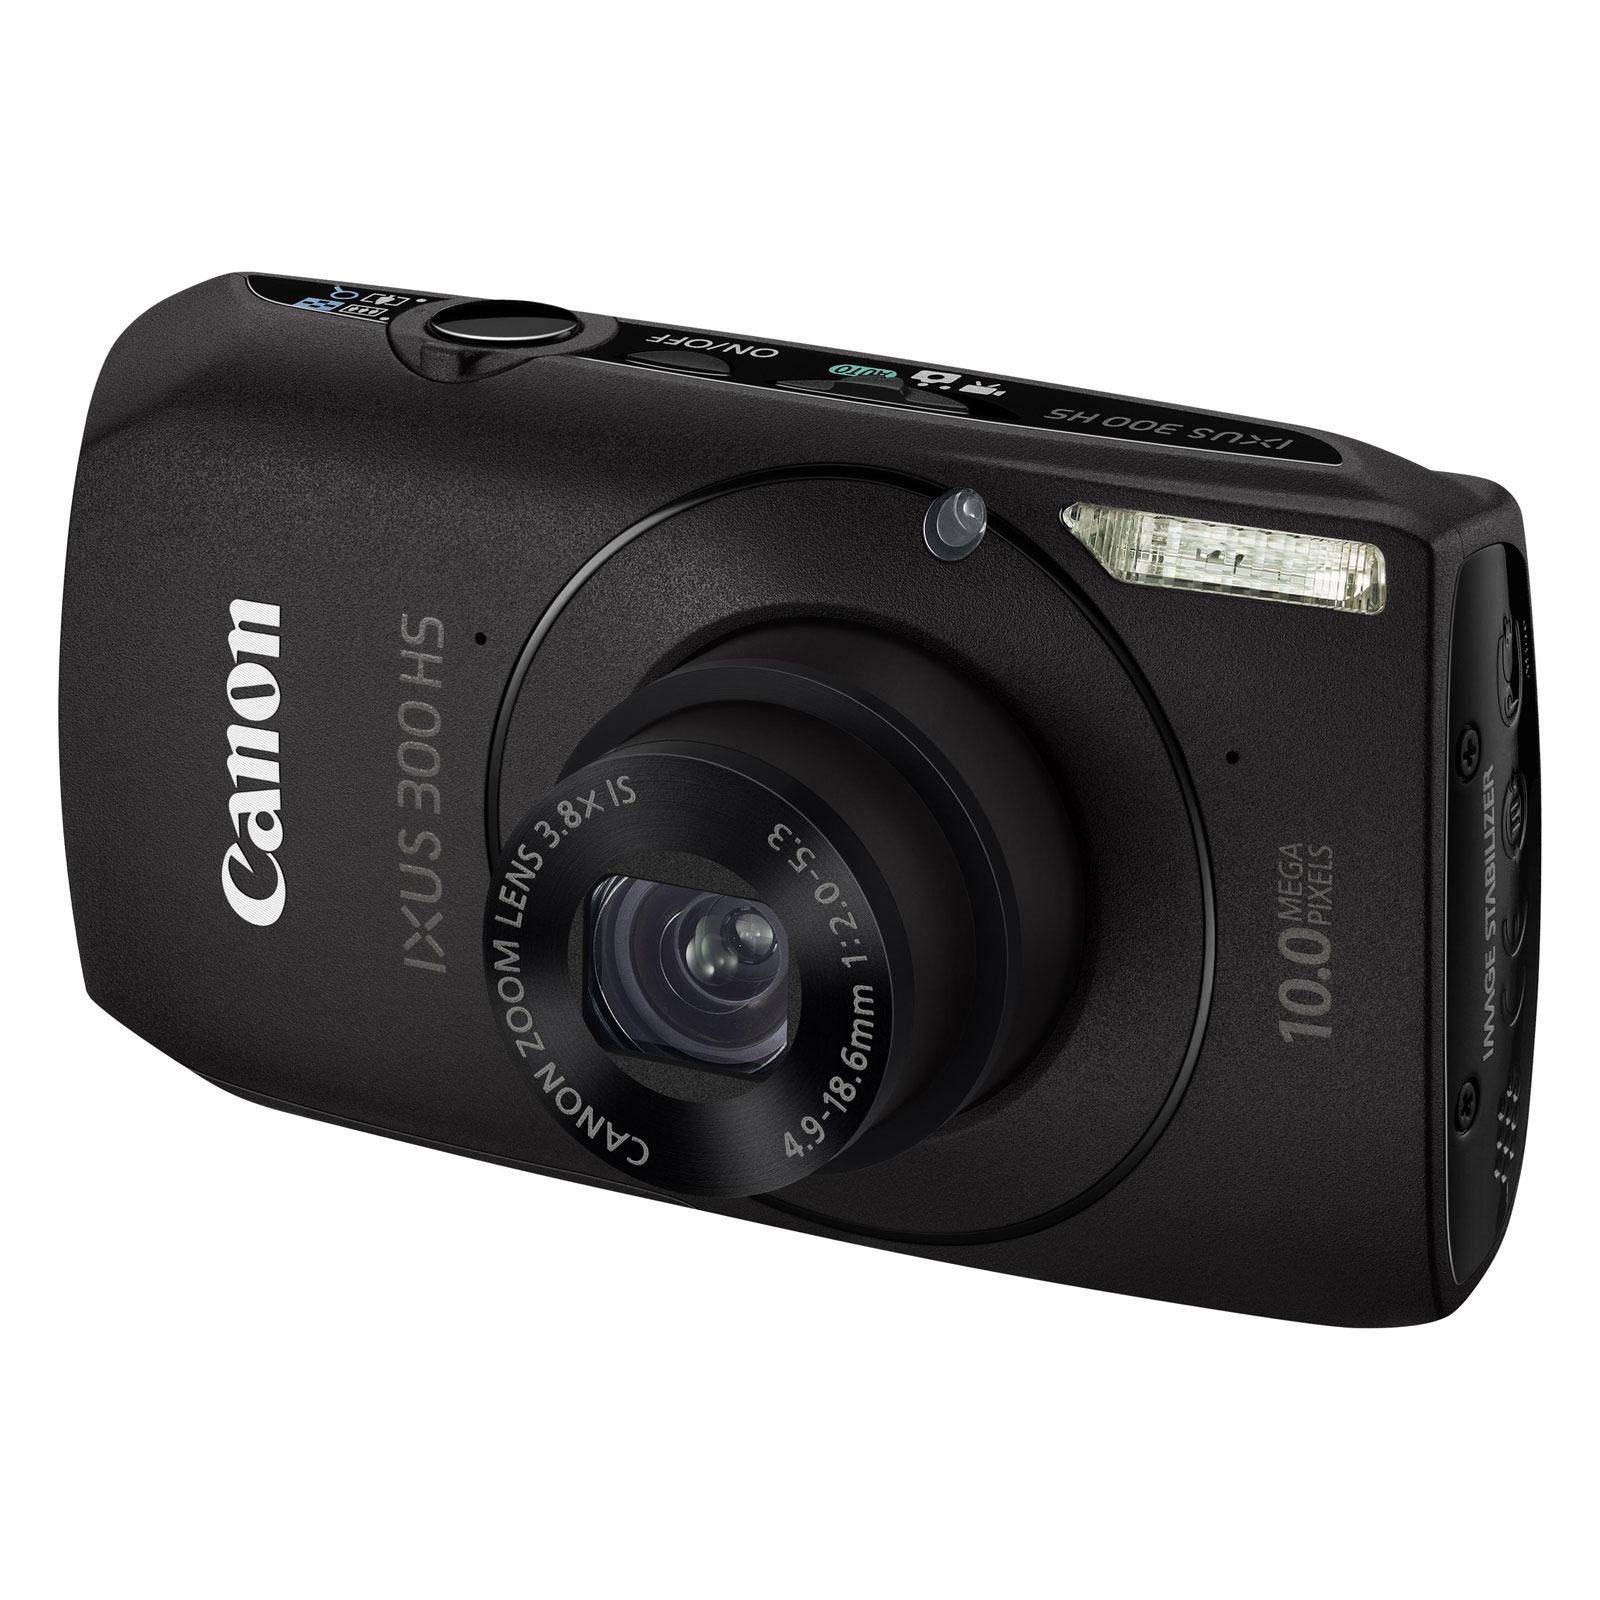 Canon ixus 300 hs noir housse dcc 70 appareil photo for Housse appareil photo canon